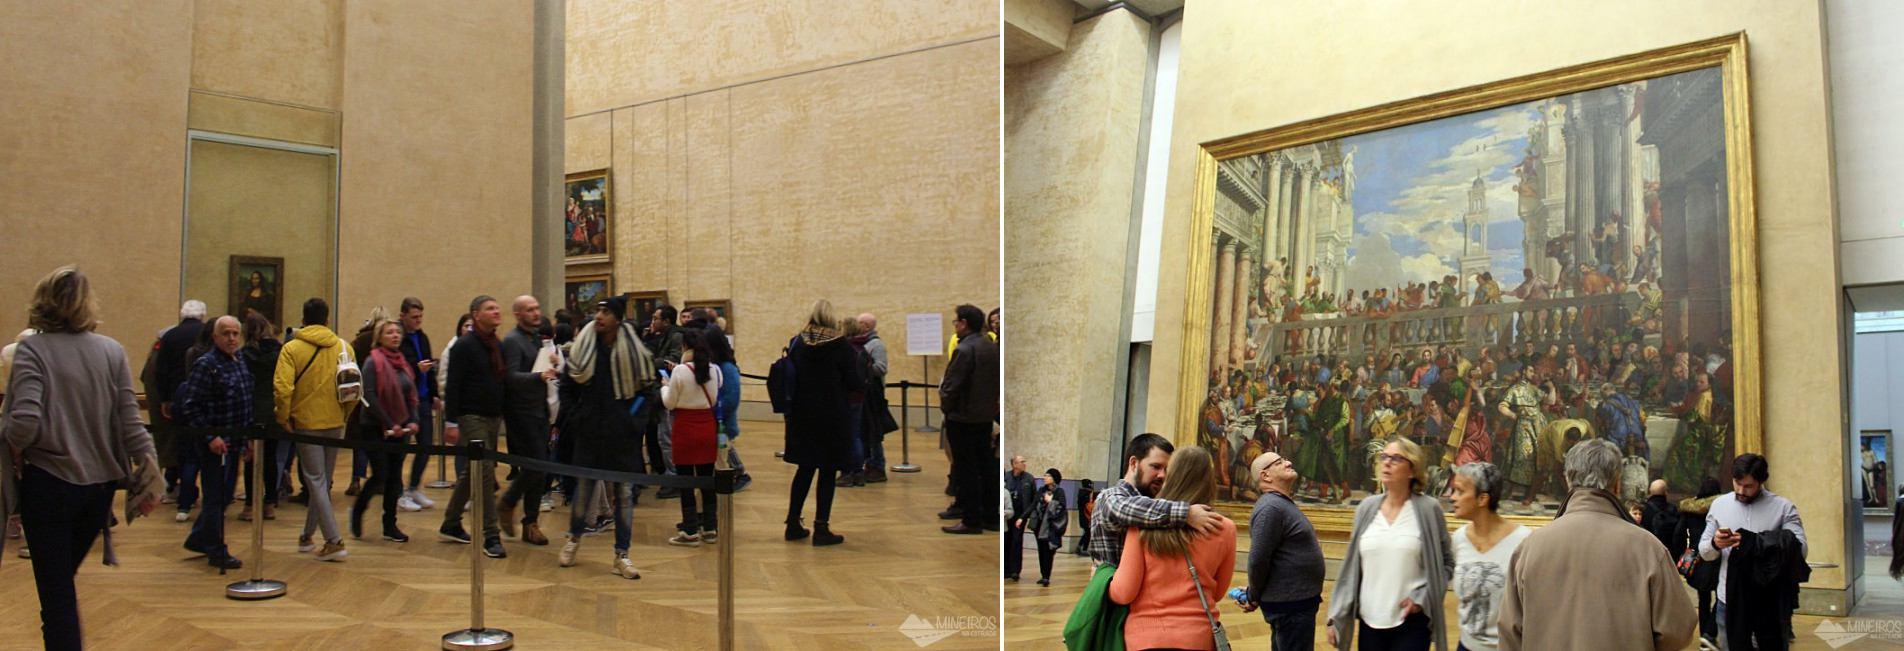 Mona Lisa e o Casamento em Caná, no Museu do Louvre